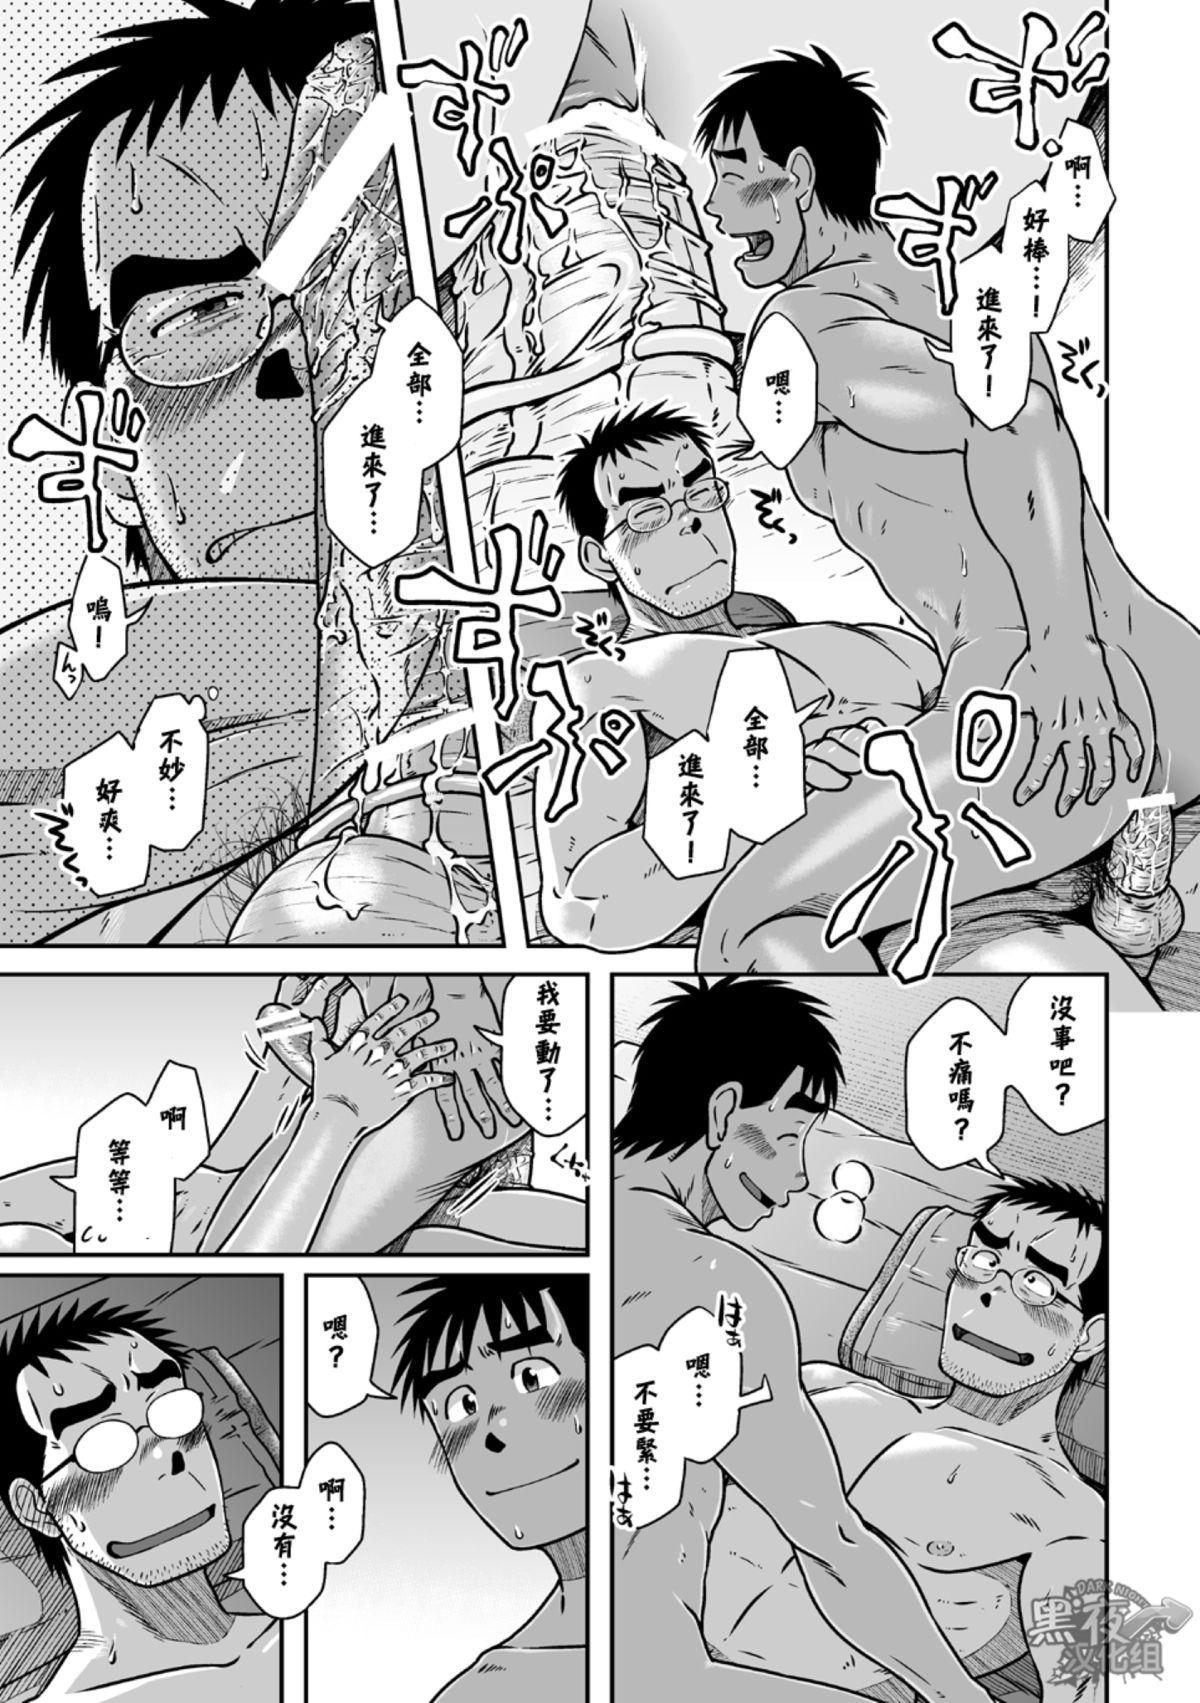 Hatsukoi Shoten 2 - Bururi Kaidan Ryokan | 初戀書店 2 16